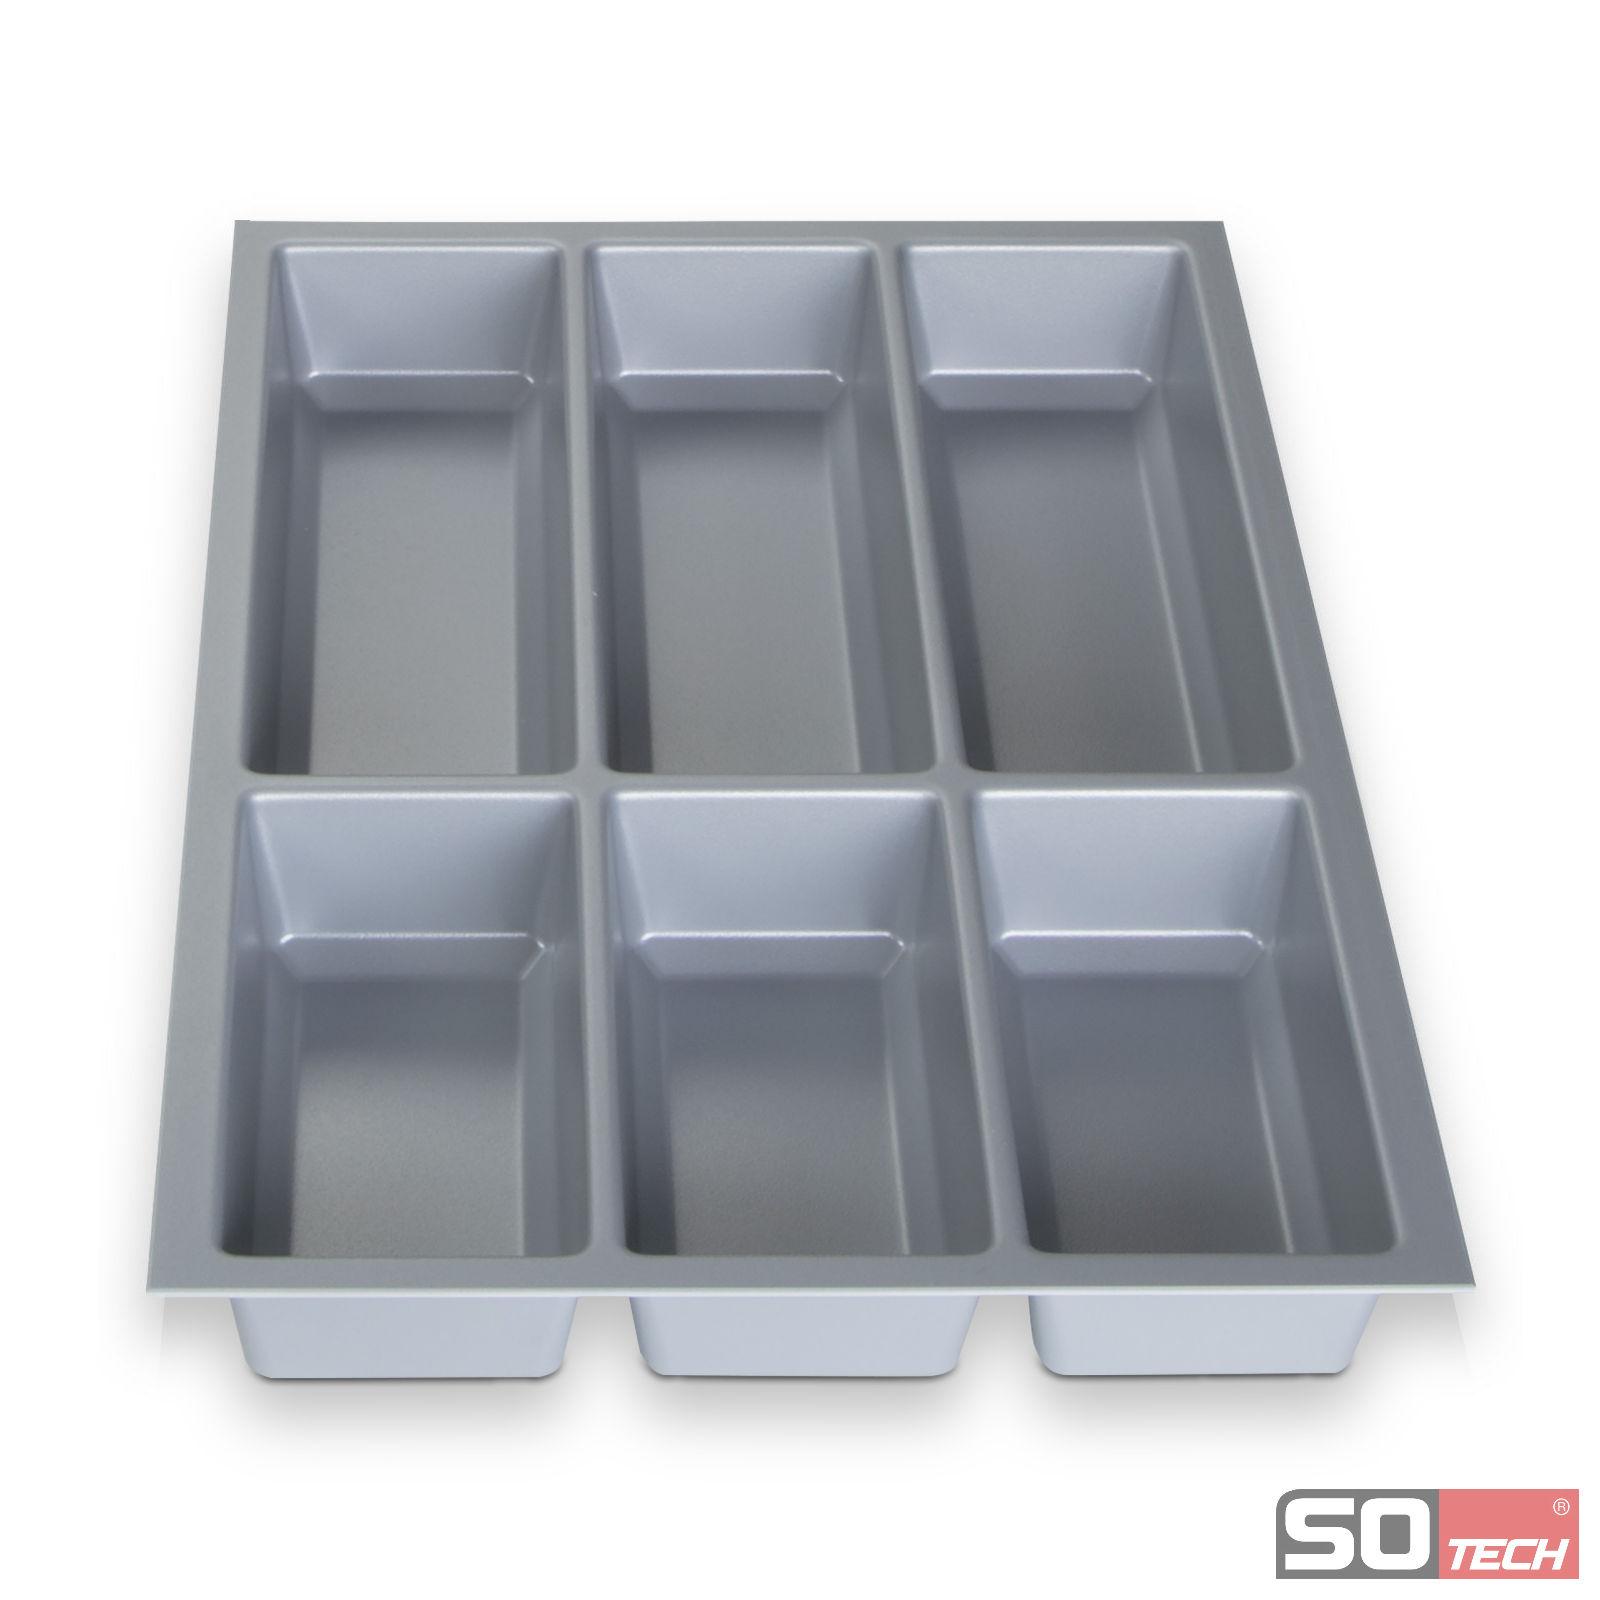 besteckeinsatz orga box f r 40cm schublade besteckkasten. Black Bedroom Furniture Sets. Home Design Ideas